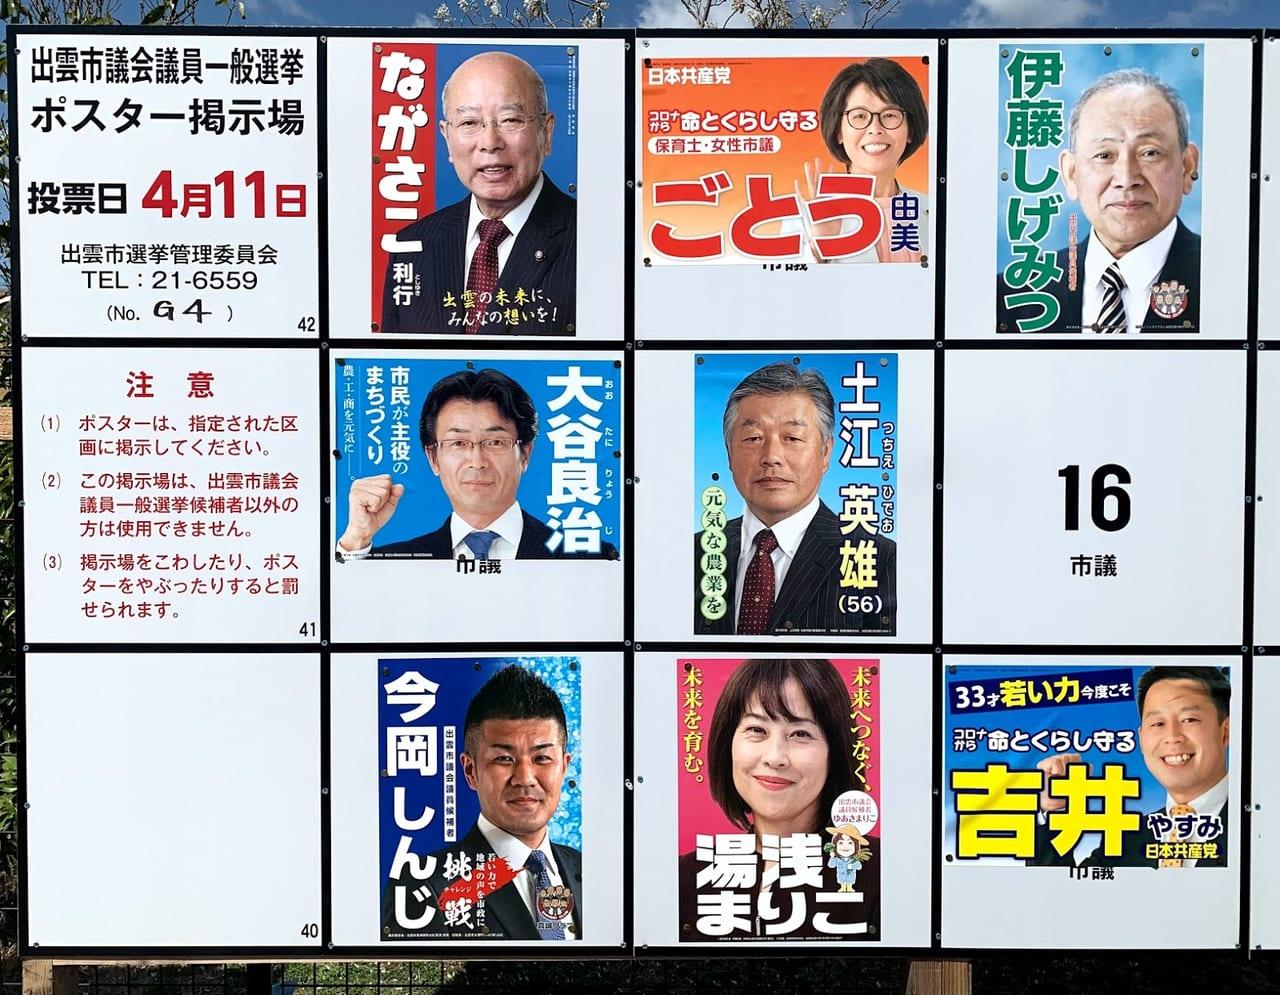 鹿児島 市議会 選挙